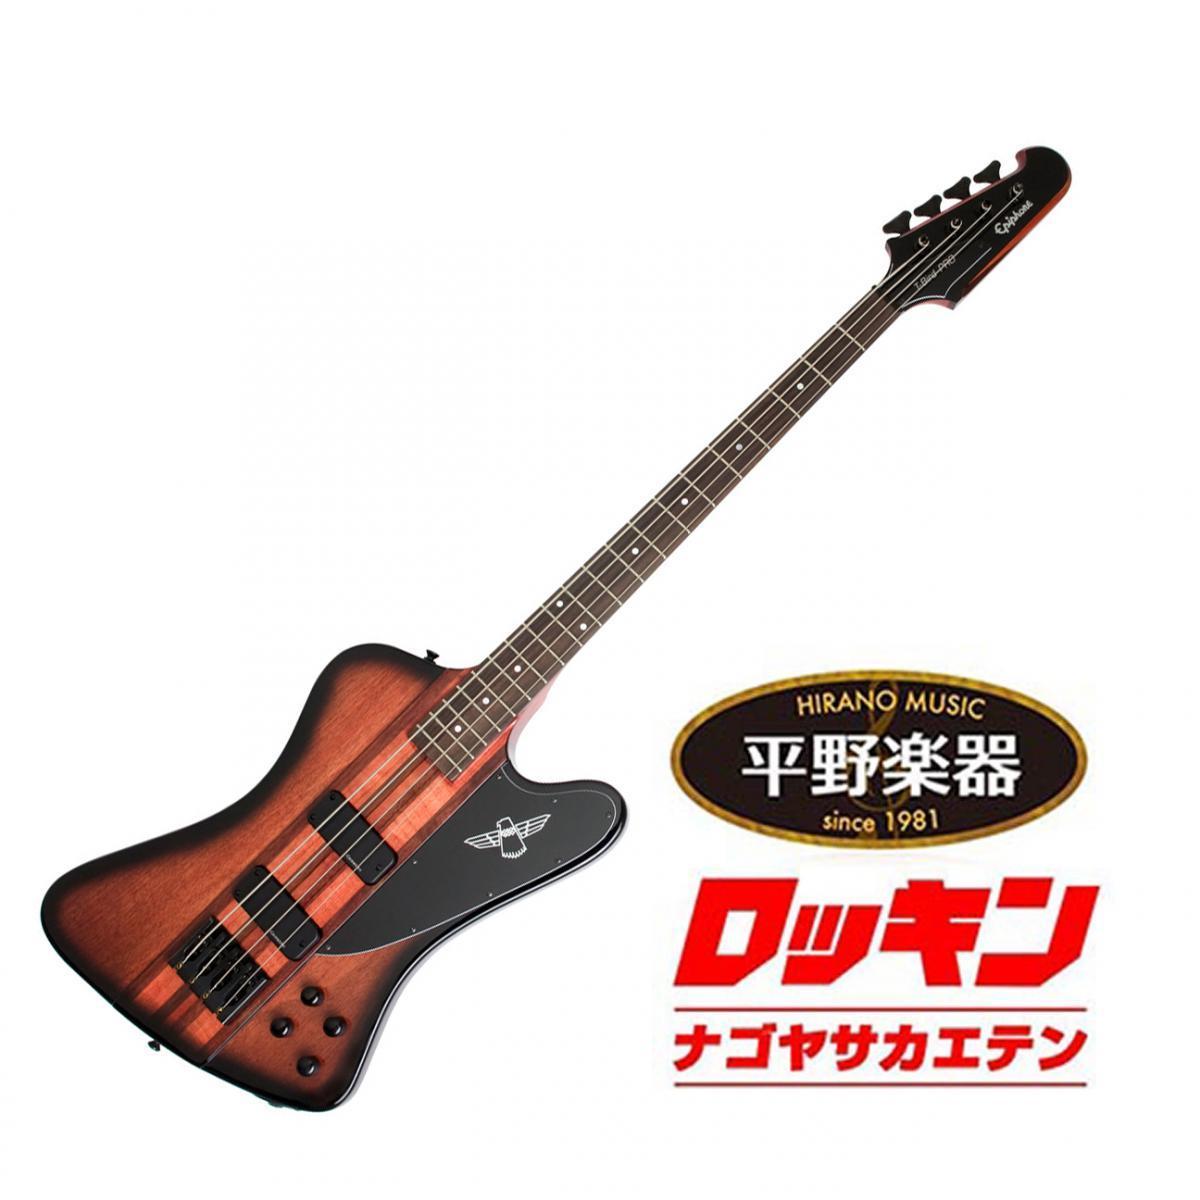 的Epiphone☆限定廉价商品!!★雷鸟PRO-IV低音4-串老式森伯斯特